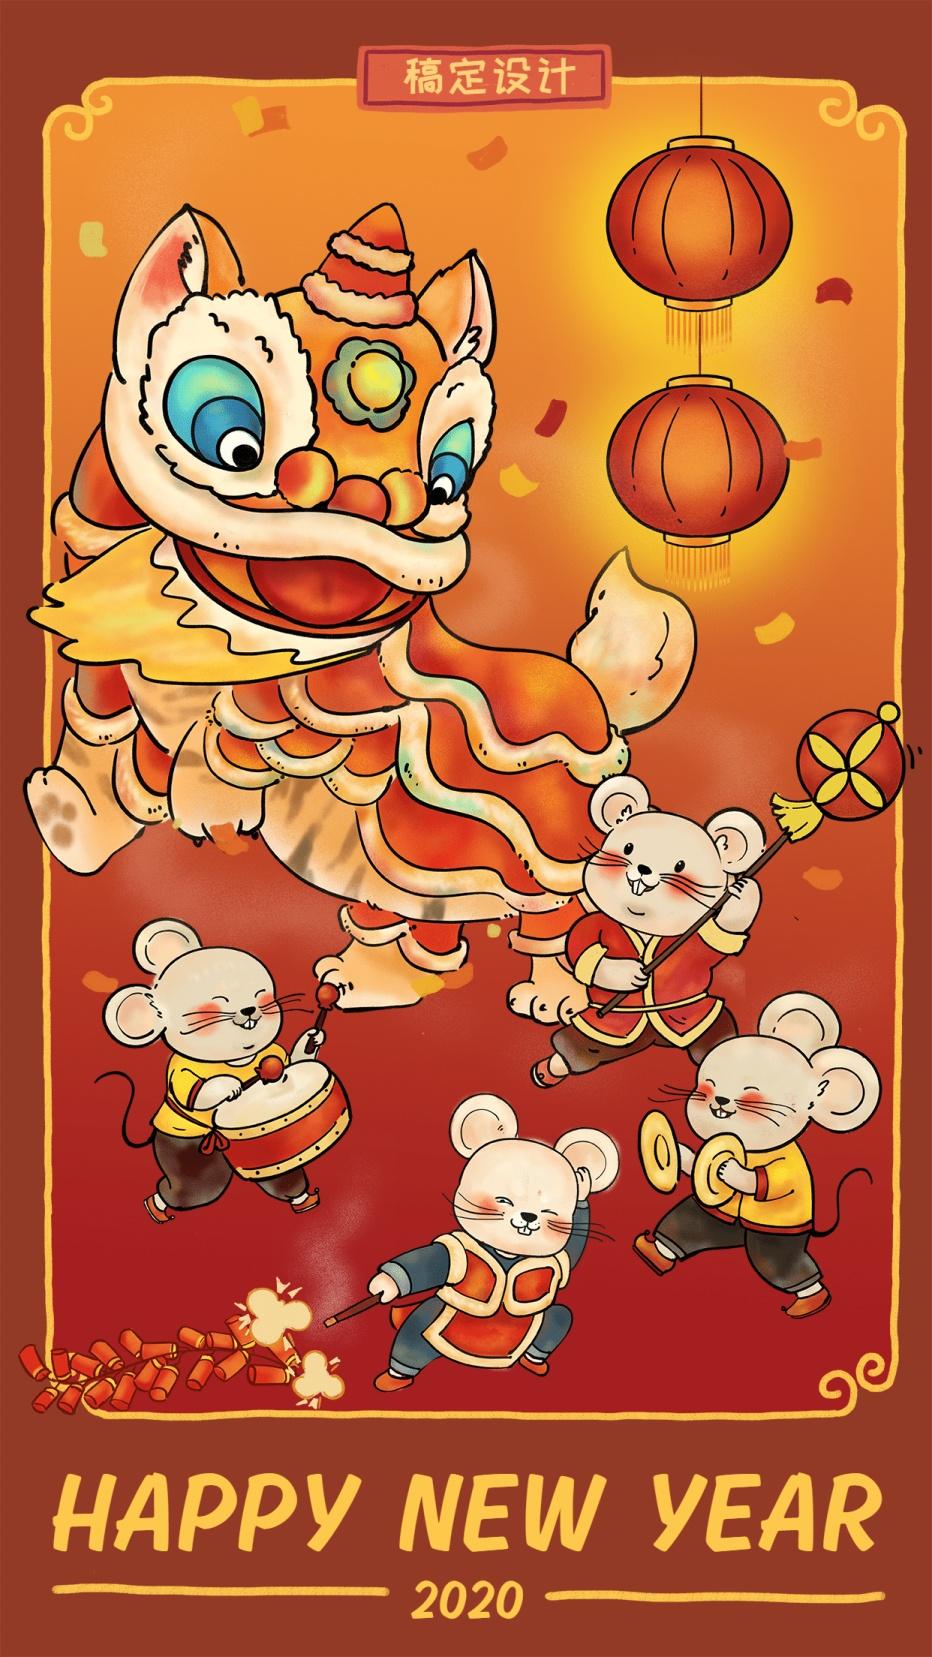 新年春节新春祝福中国风可爱喜庆插画手机海报